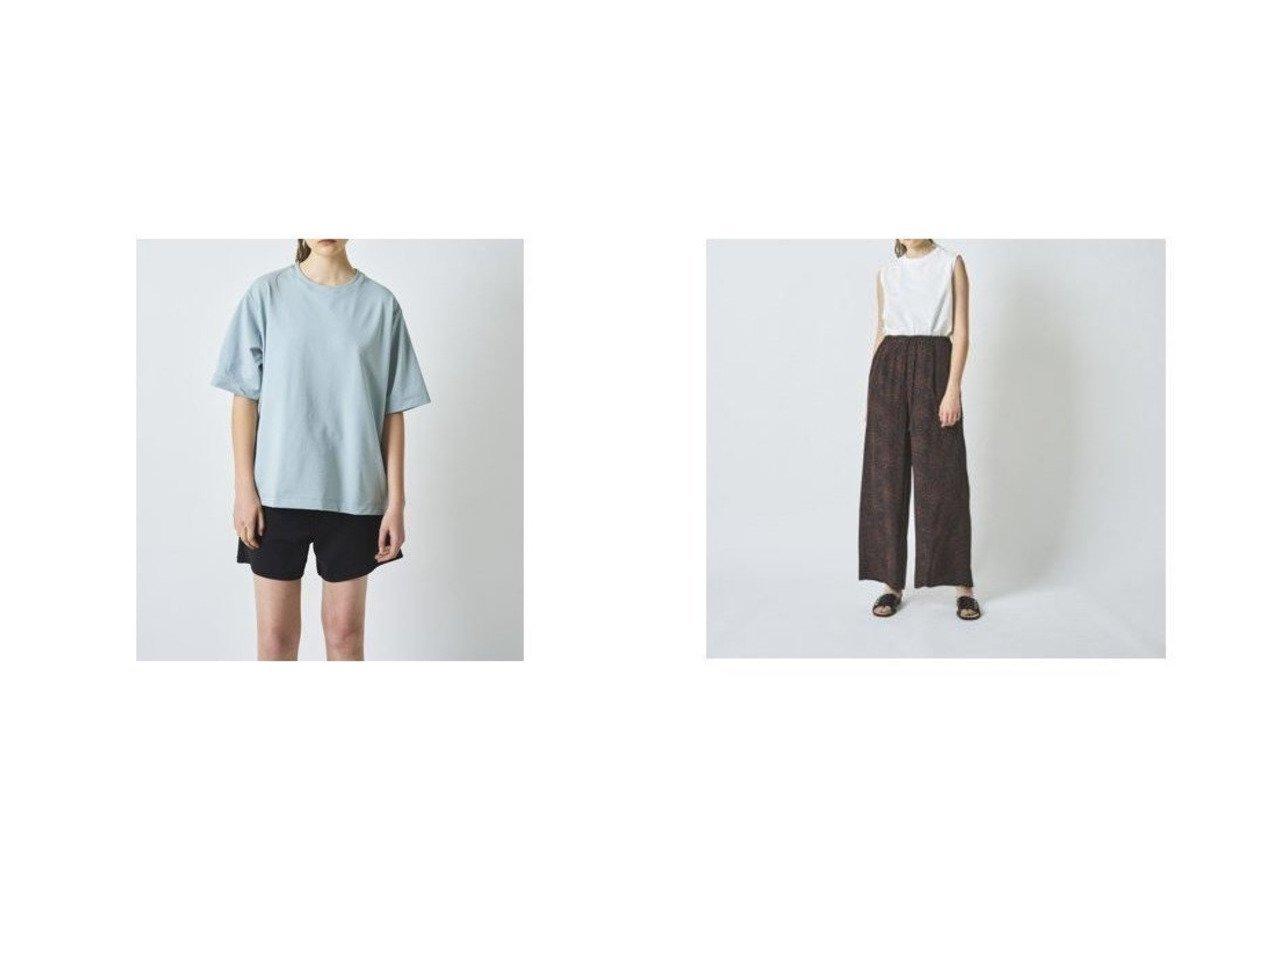 【N.O.R.C/ノーク】のガカモレファンクションハイライズショーツ&ボヘミアンプリントパンツ 【パンツ】おすすめ!人気、トレンド・レディースファッションの通販 おすすめで人気の流行・トレンド、ファッションの通販商品 インテリア・家具・メンズファッション・キッズファッション・レディースファッション・服の通販 founy(ファニー) https://founy.com/ ファッション Fashion レディースファッション WOMEN パンツ Pants おすすめ Recommend ショート ストレッチ セットアップ ハイライズ ポケット サマー プリント ボヘミアン  ID:crp329100000043938